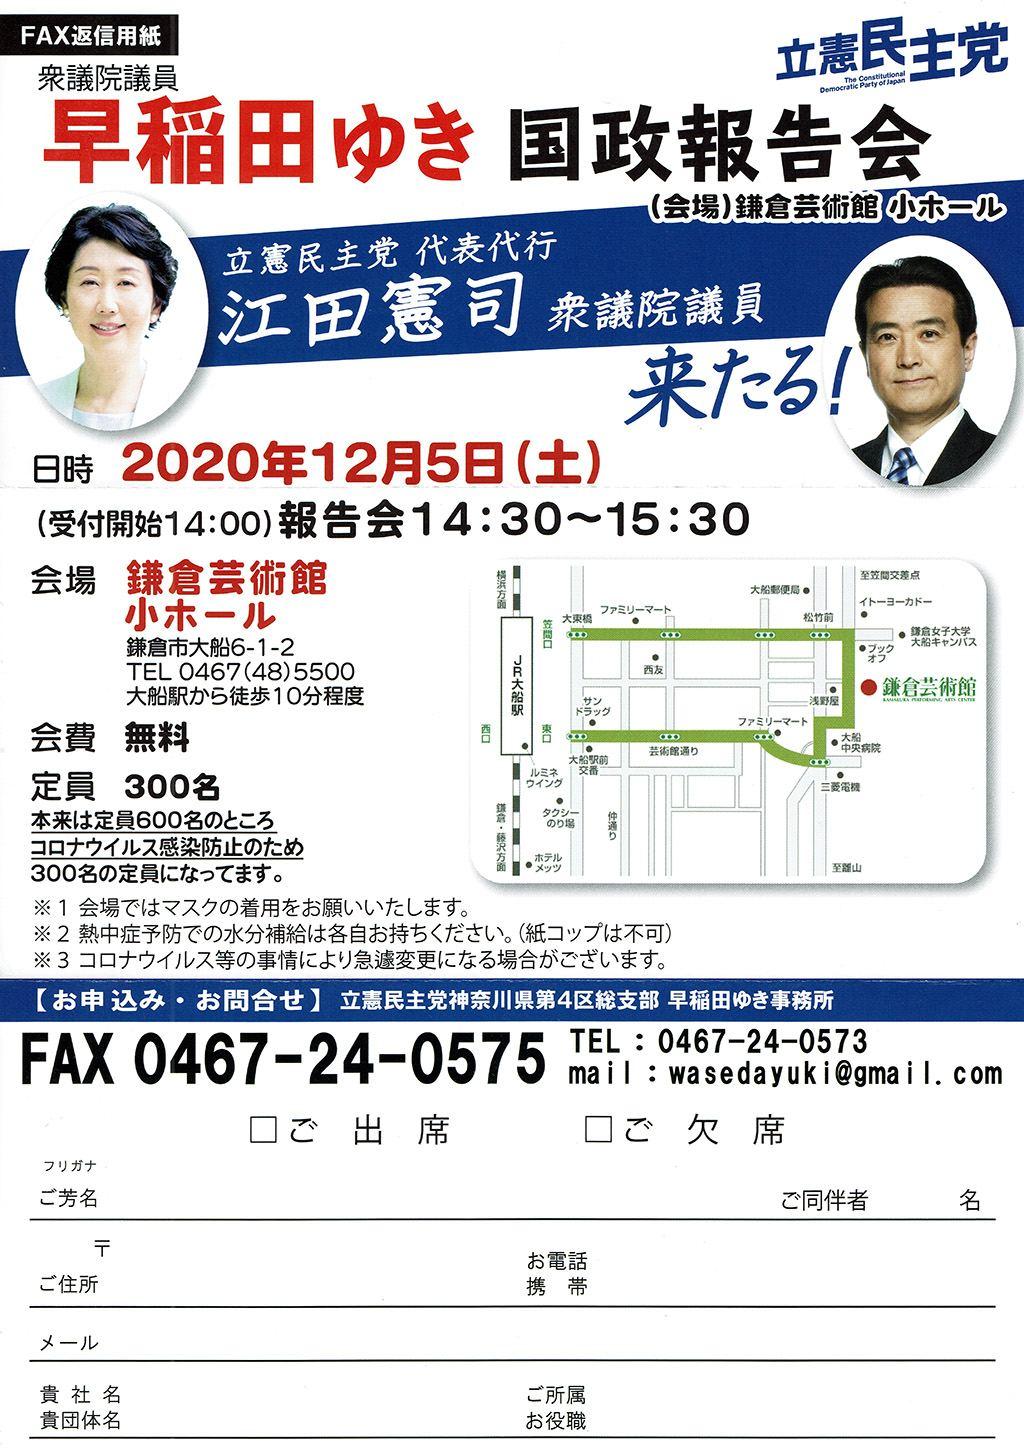 早稲田ゆき 国政報告会開催のお知らせ 2020年12月5日